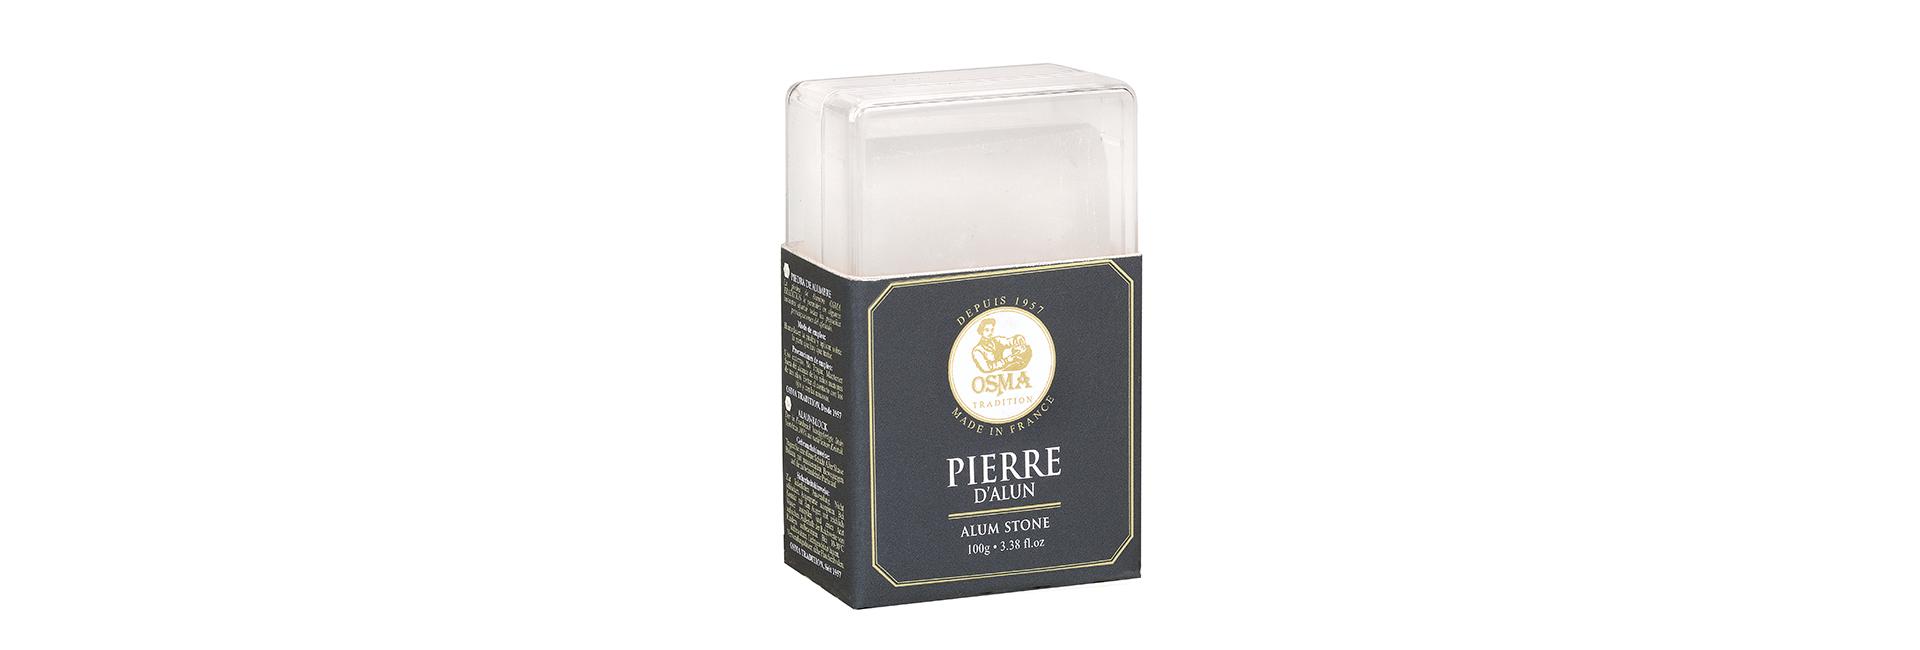 osma-tradition-pierre-d-alun-blog-beaute-soin-parfum-homme